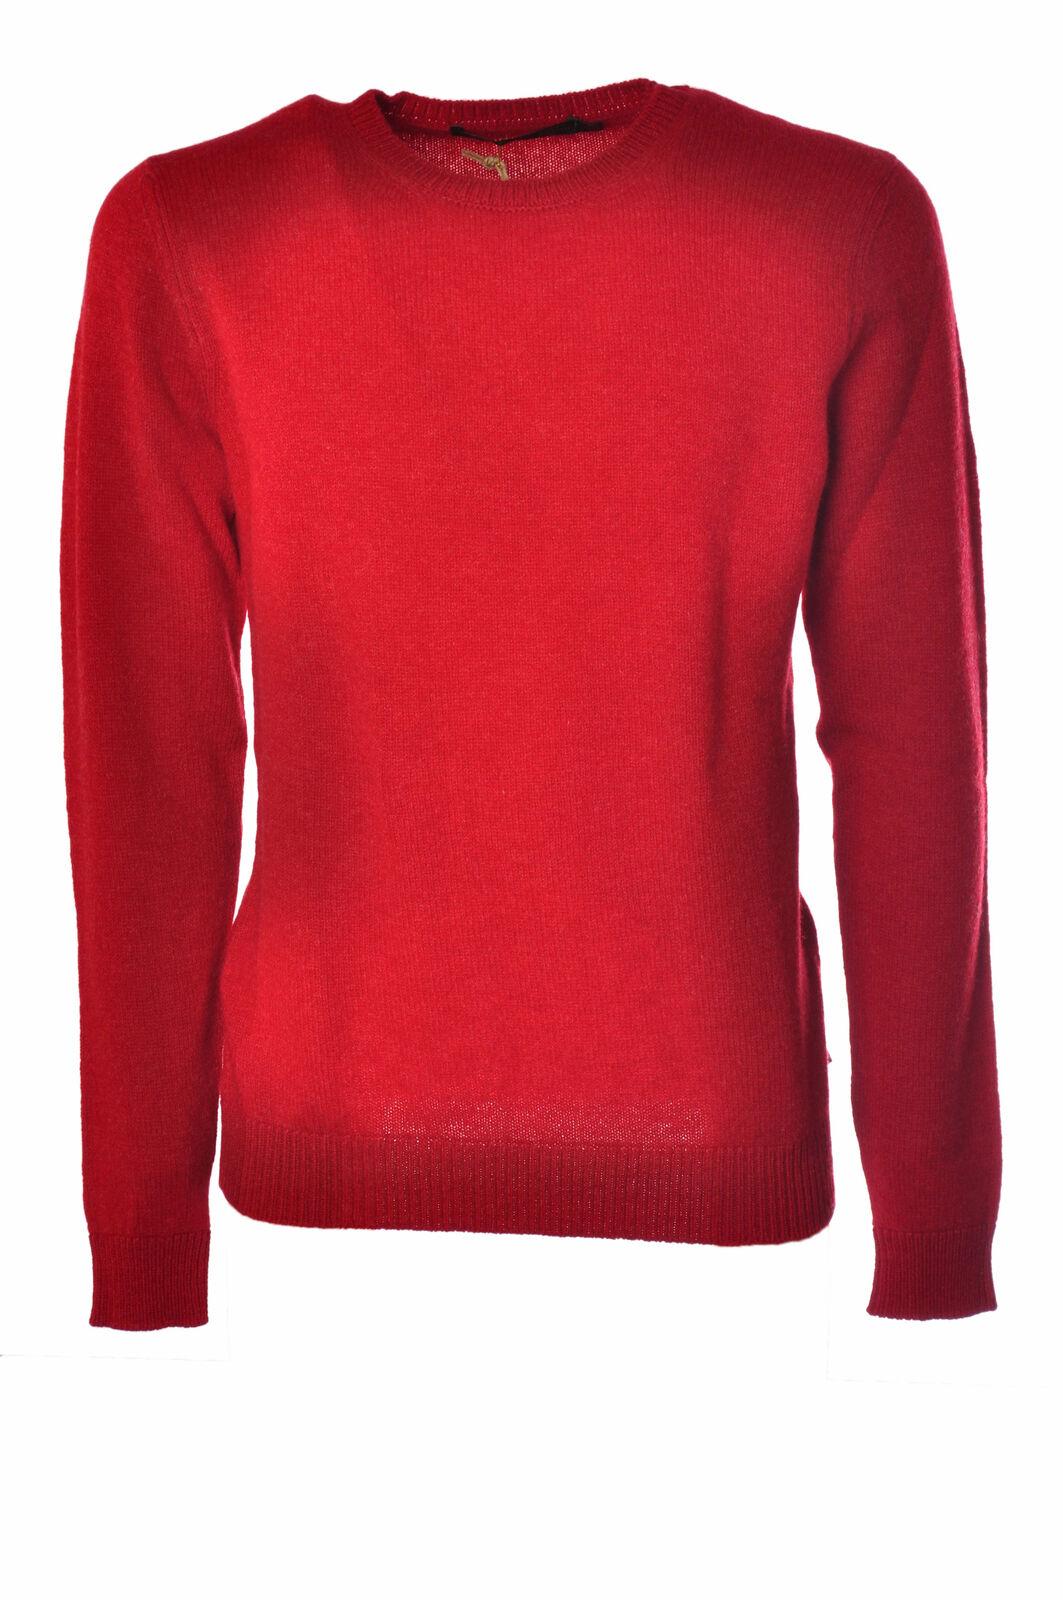 Irish Crone  -  Sweaters - Male - Red - 2508026N173809